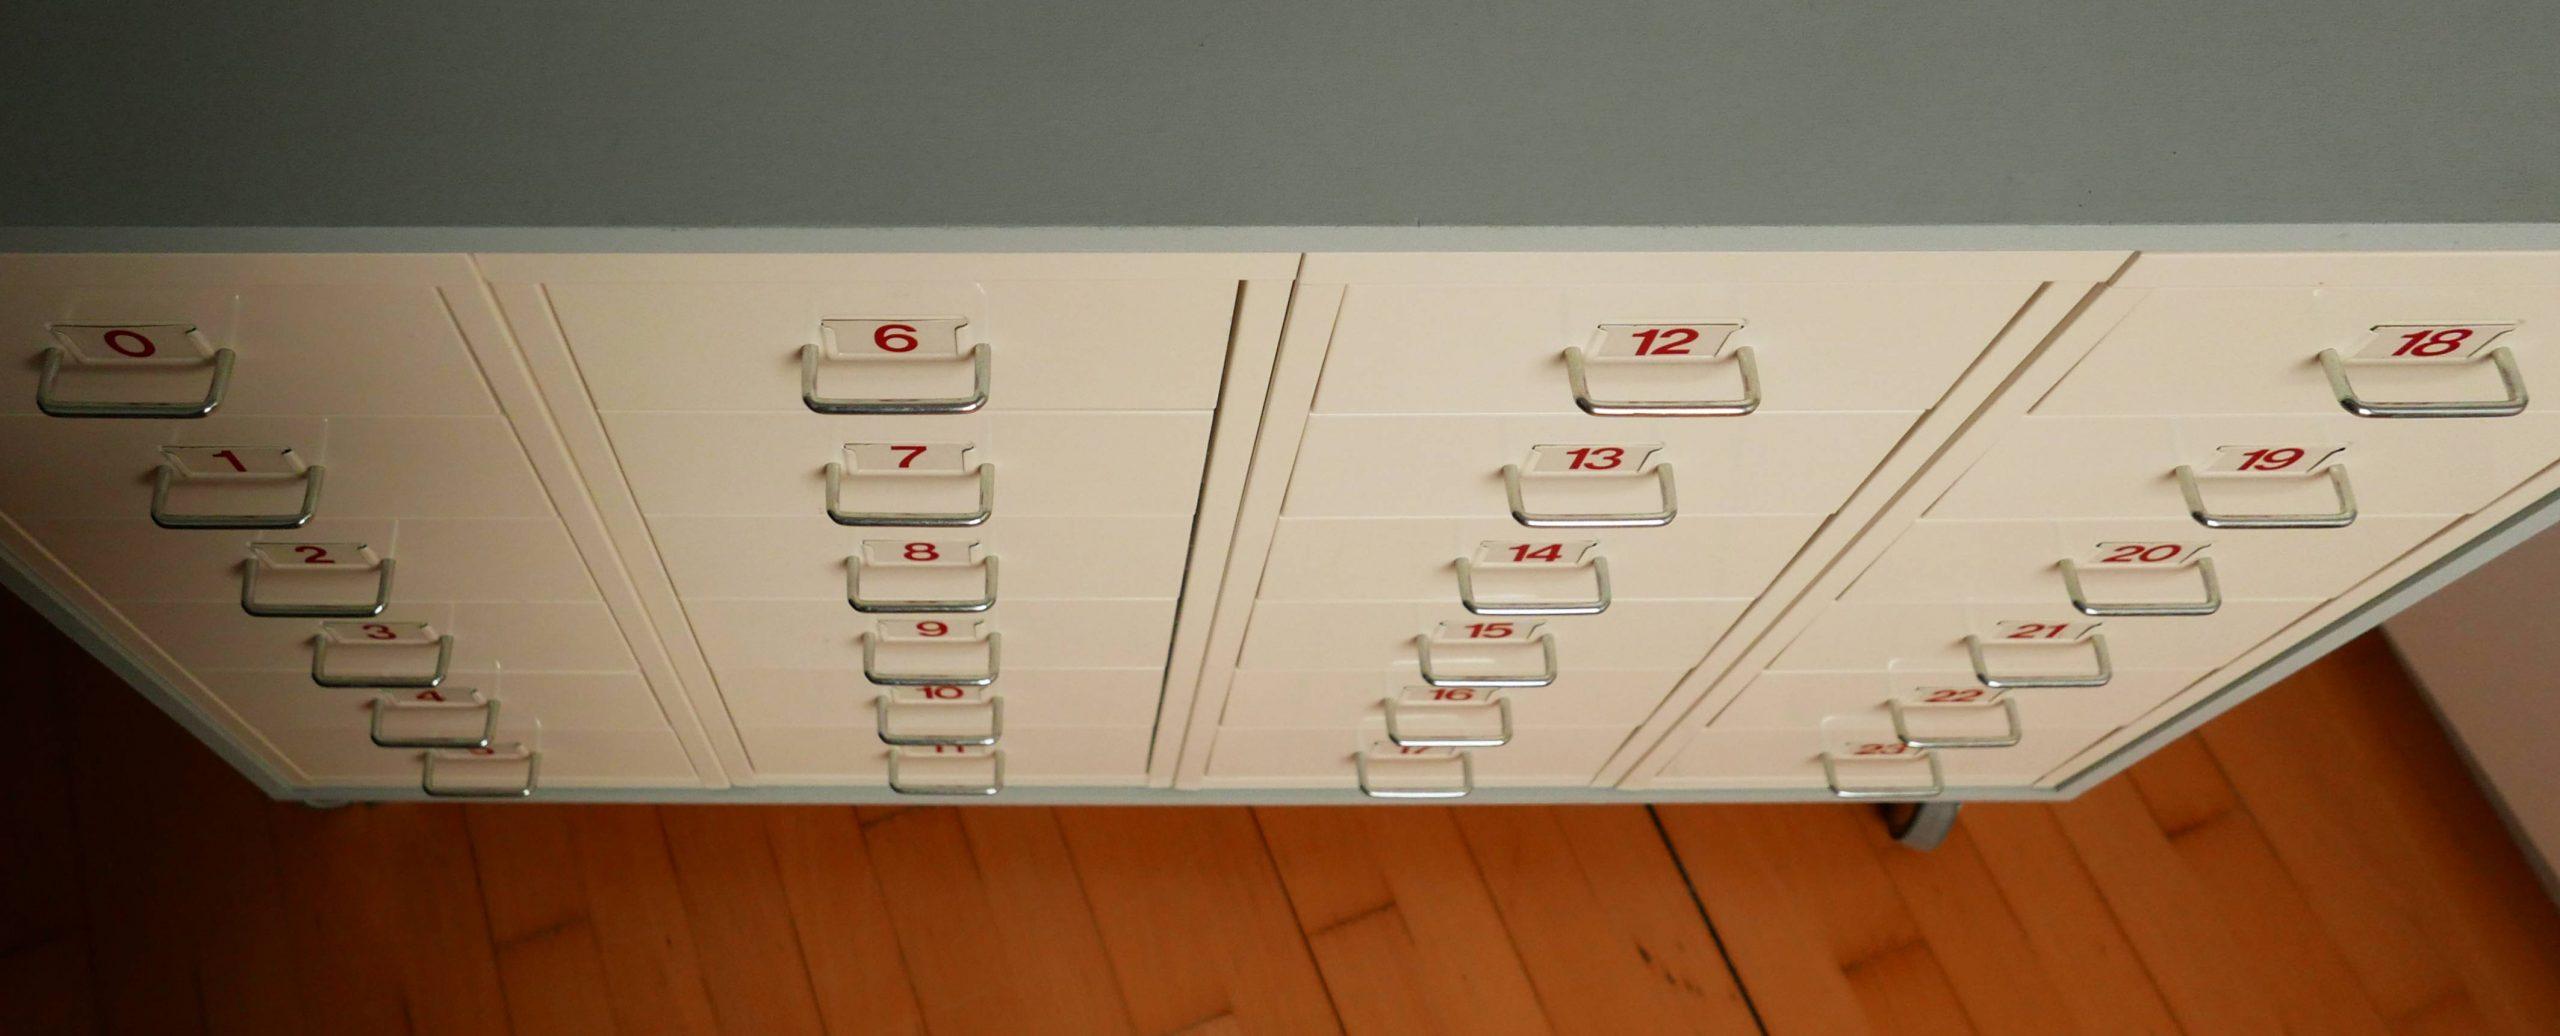 Apothekerschrank Ikea-Hack von oben gesehen